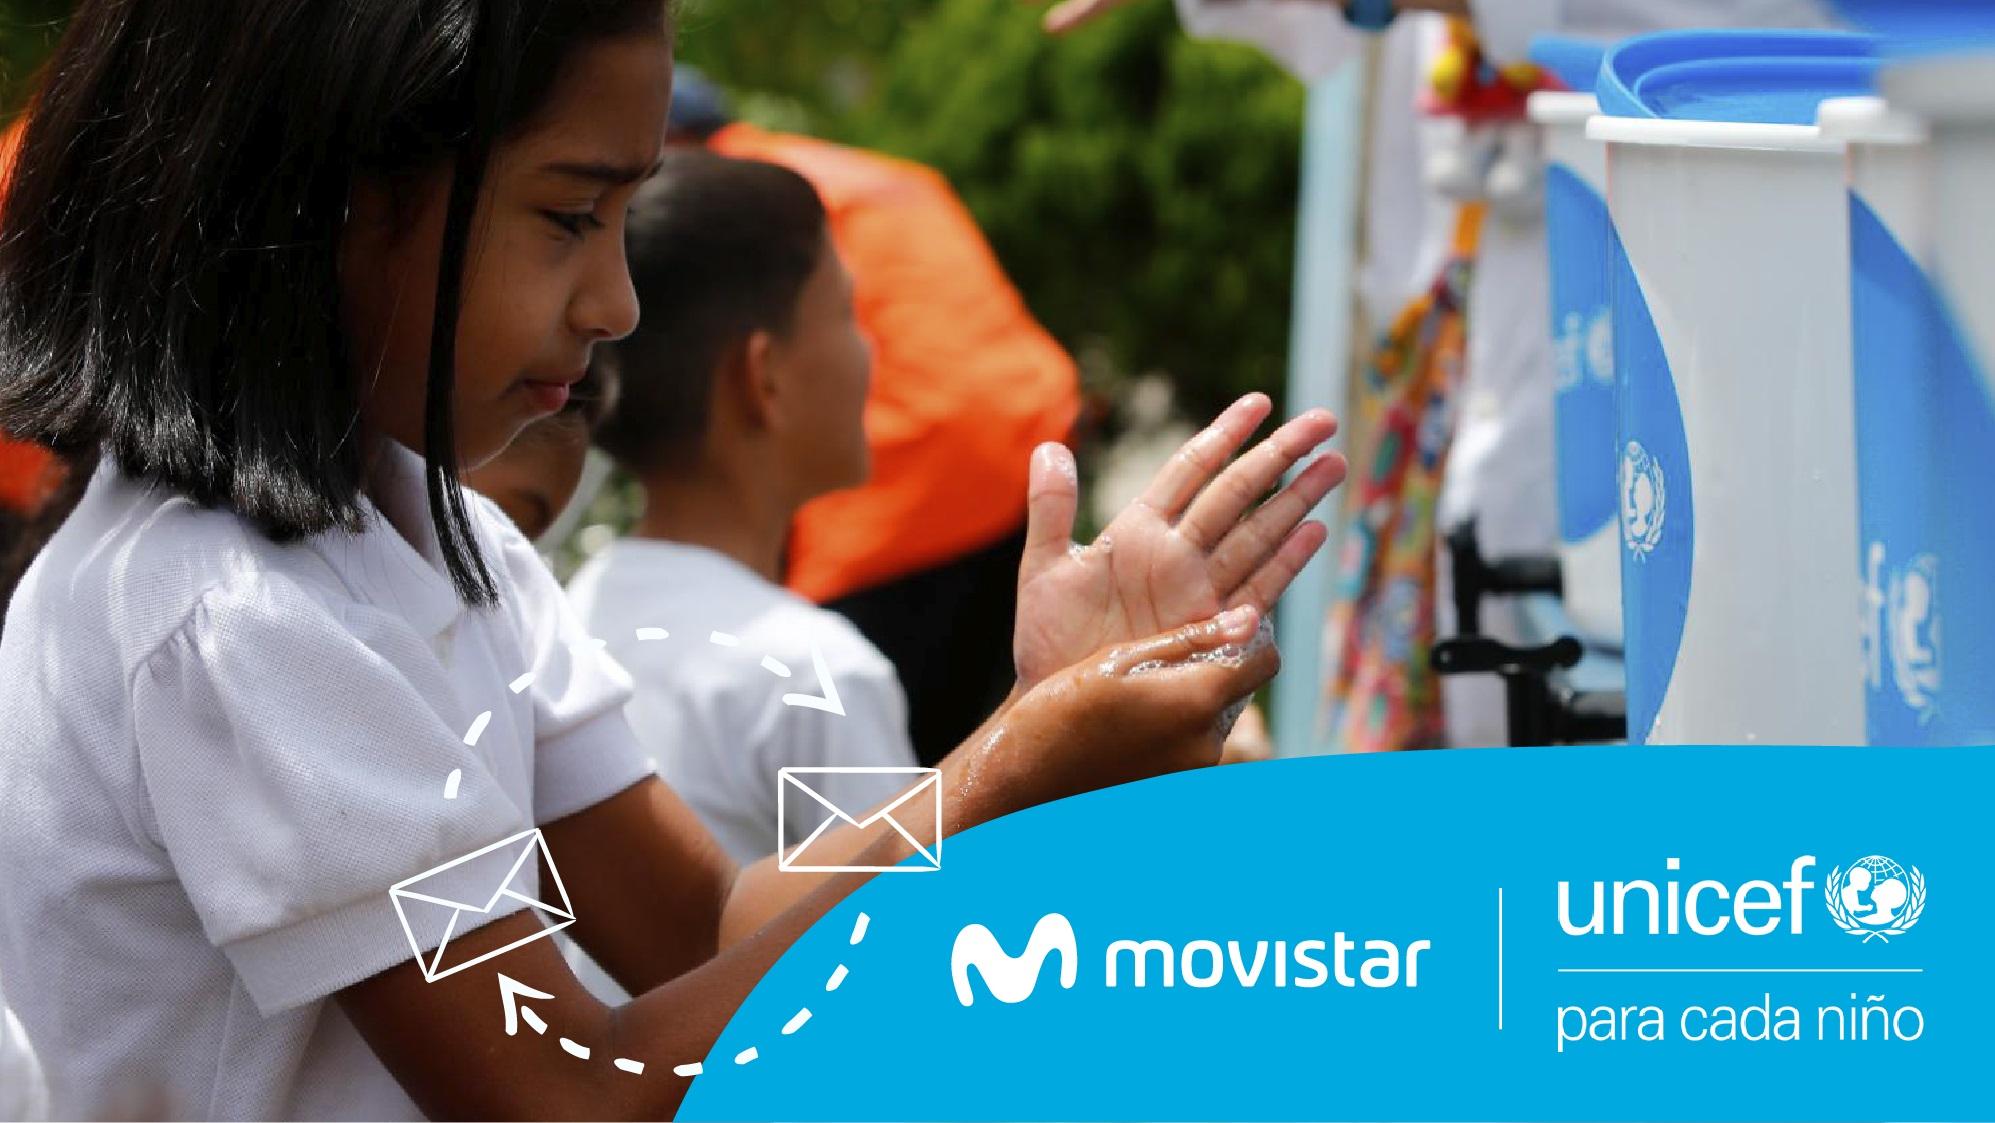 UNICEF y Movistar unen esfuerzos para la prevención del coronavirus en Venezuela